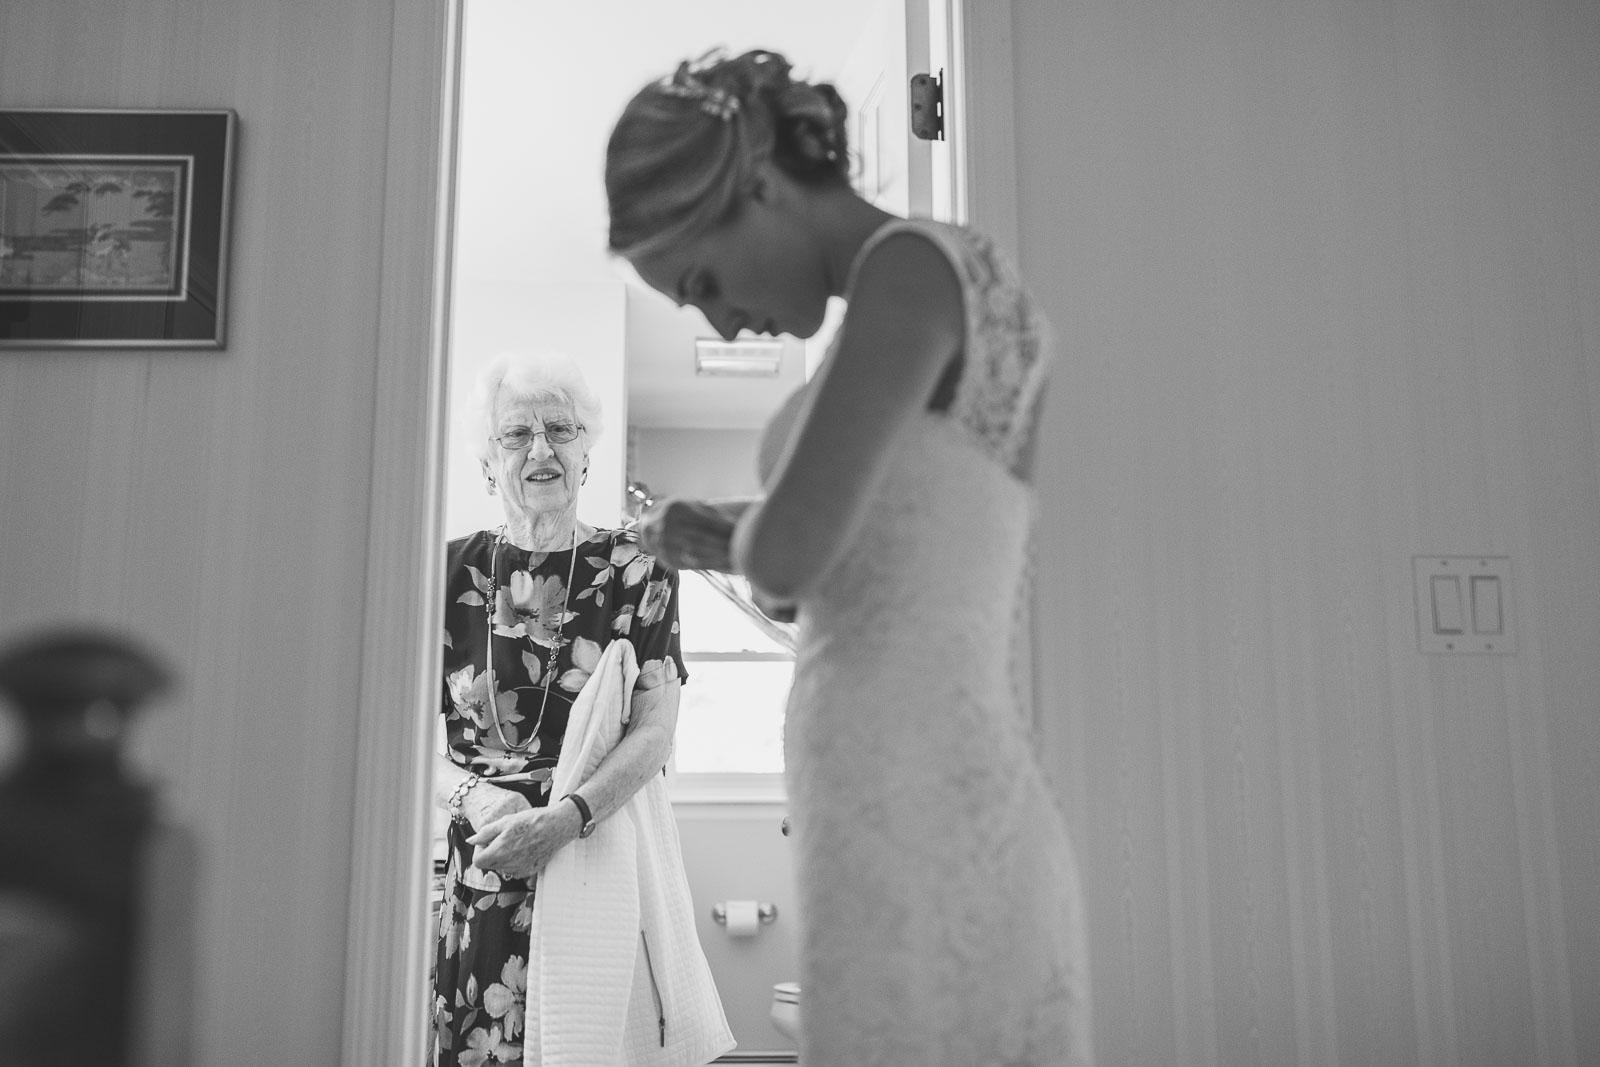 Grandma watching bride get ready